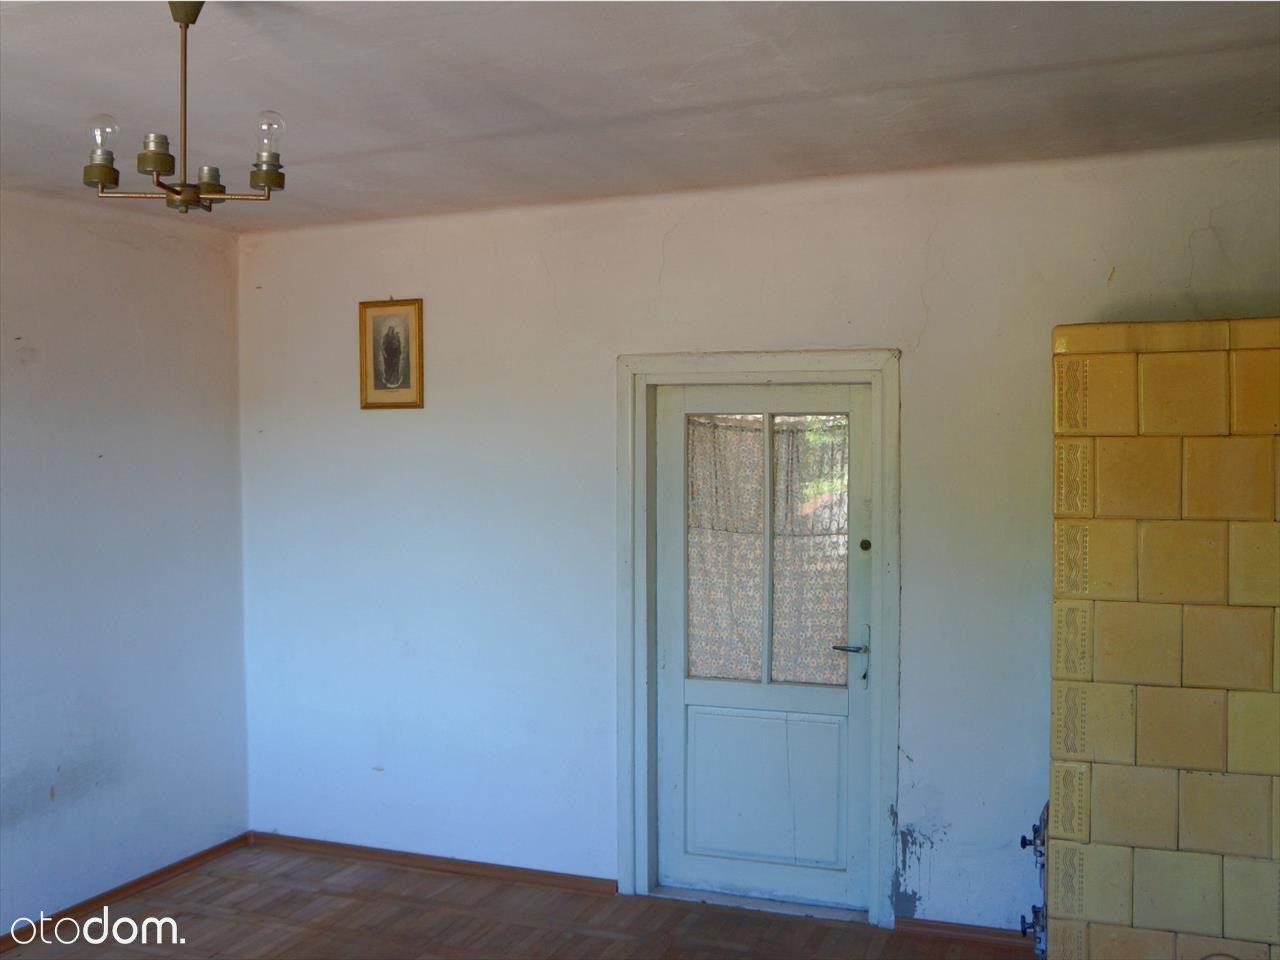 Dom na sprzedaż, Błażowa, rzeszowski, podkarpackie - Foto 2